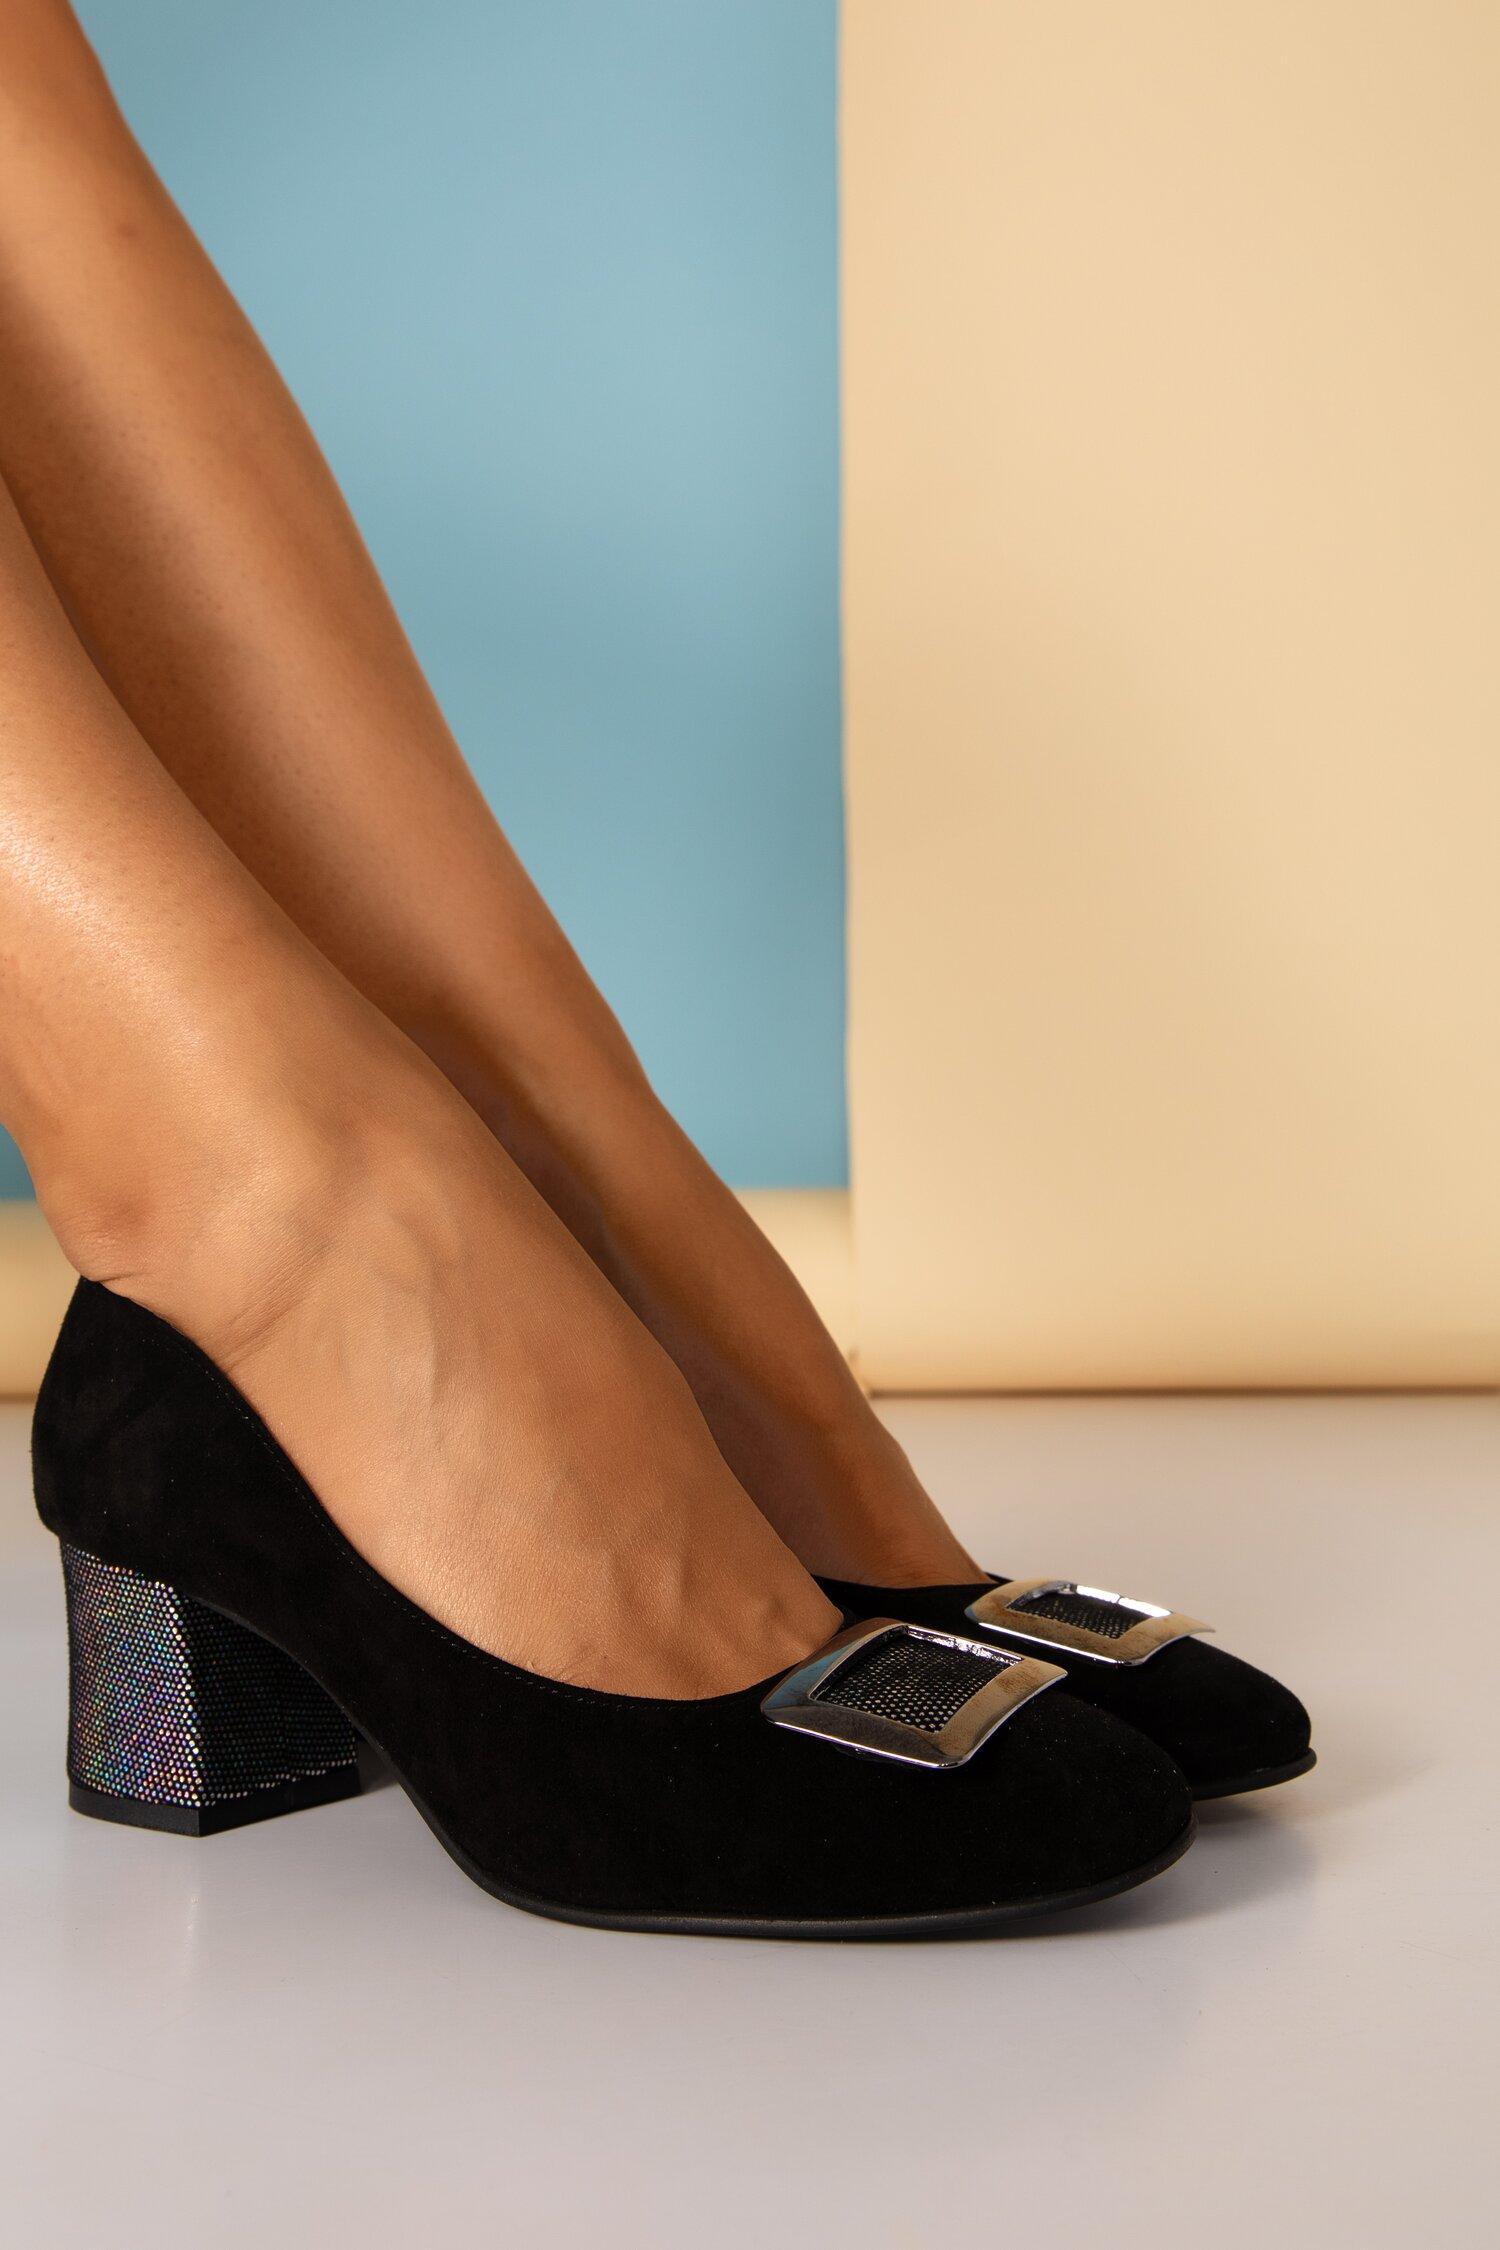 Pantofi dama negri din piele naturala office cu aplicatie metalica si toc gros imagine